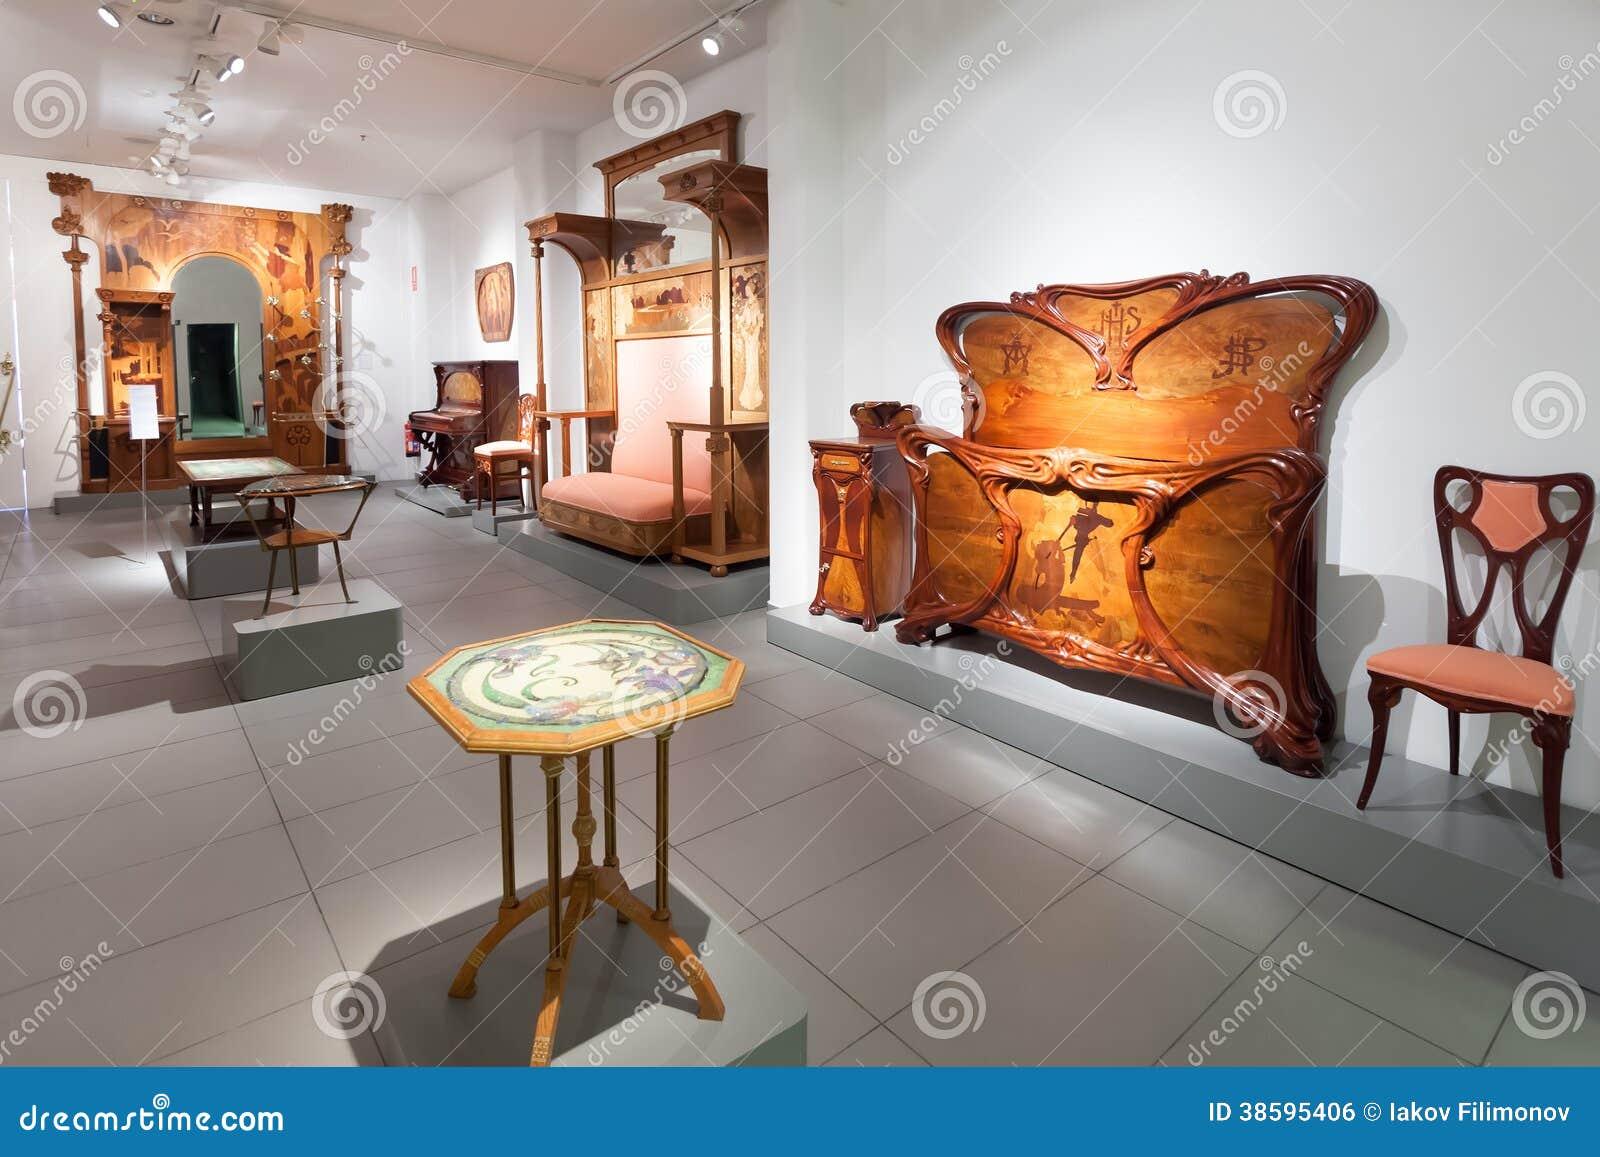 Muebles en el interior de museo de modernismo catalan foto for Muebles de diseno barcelona